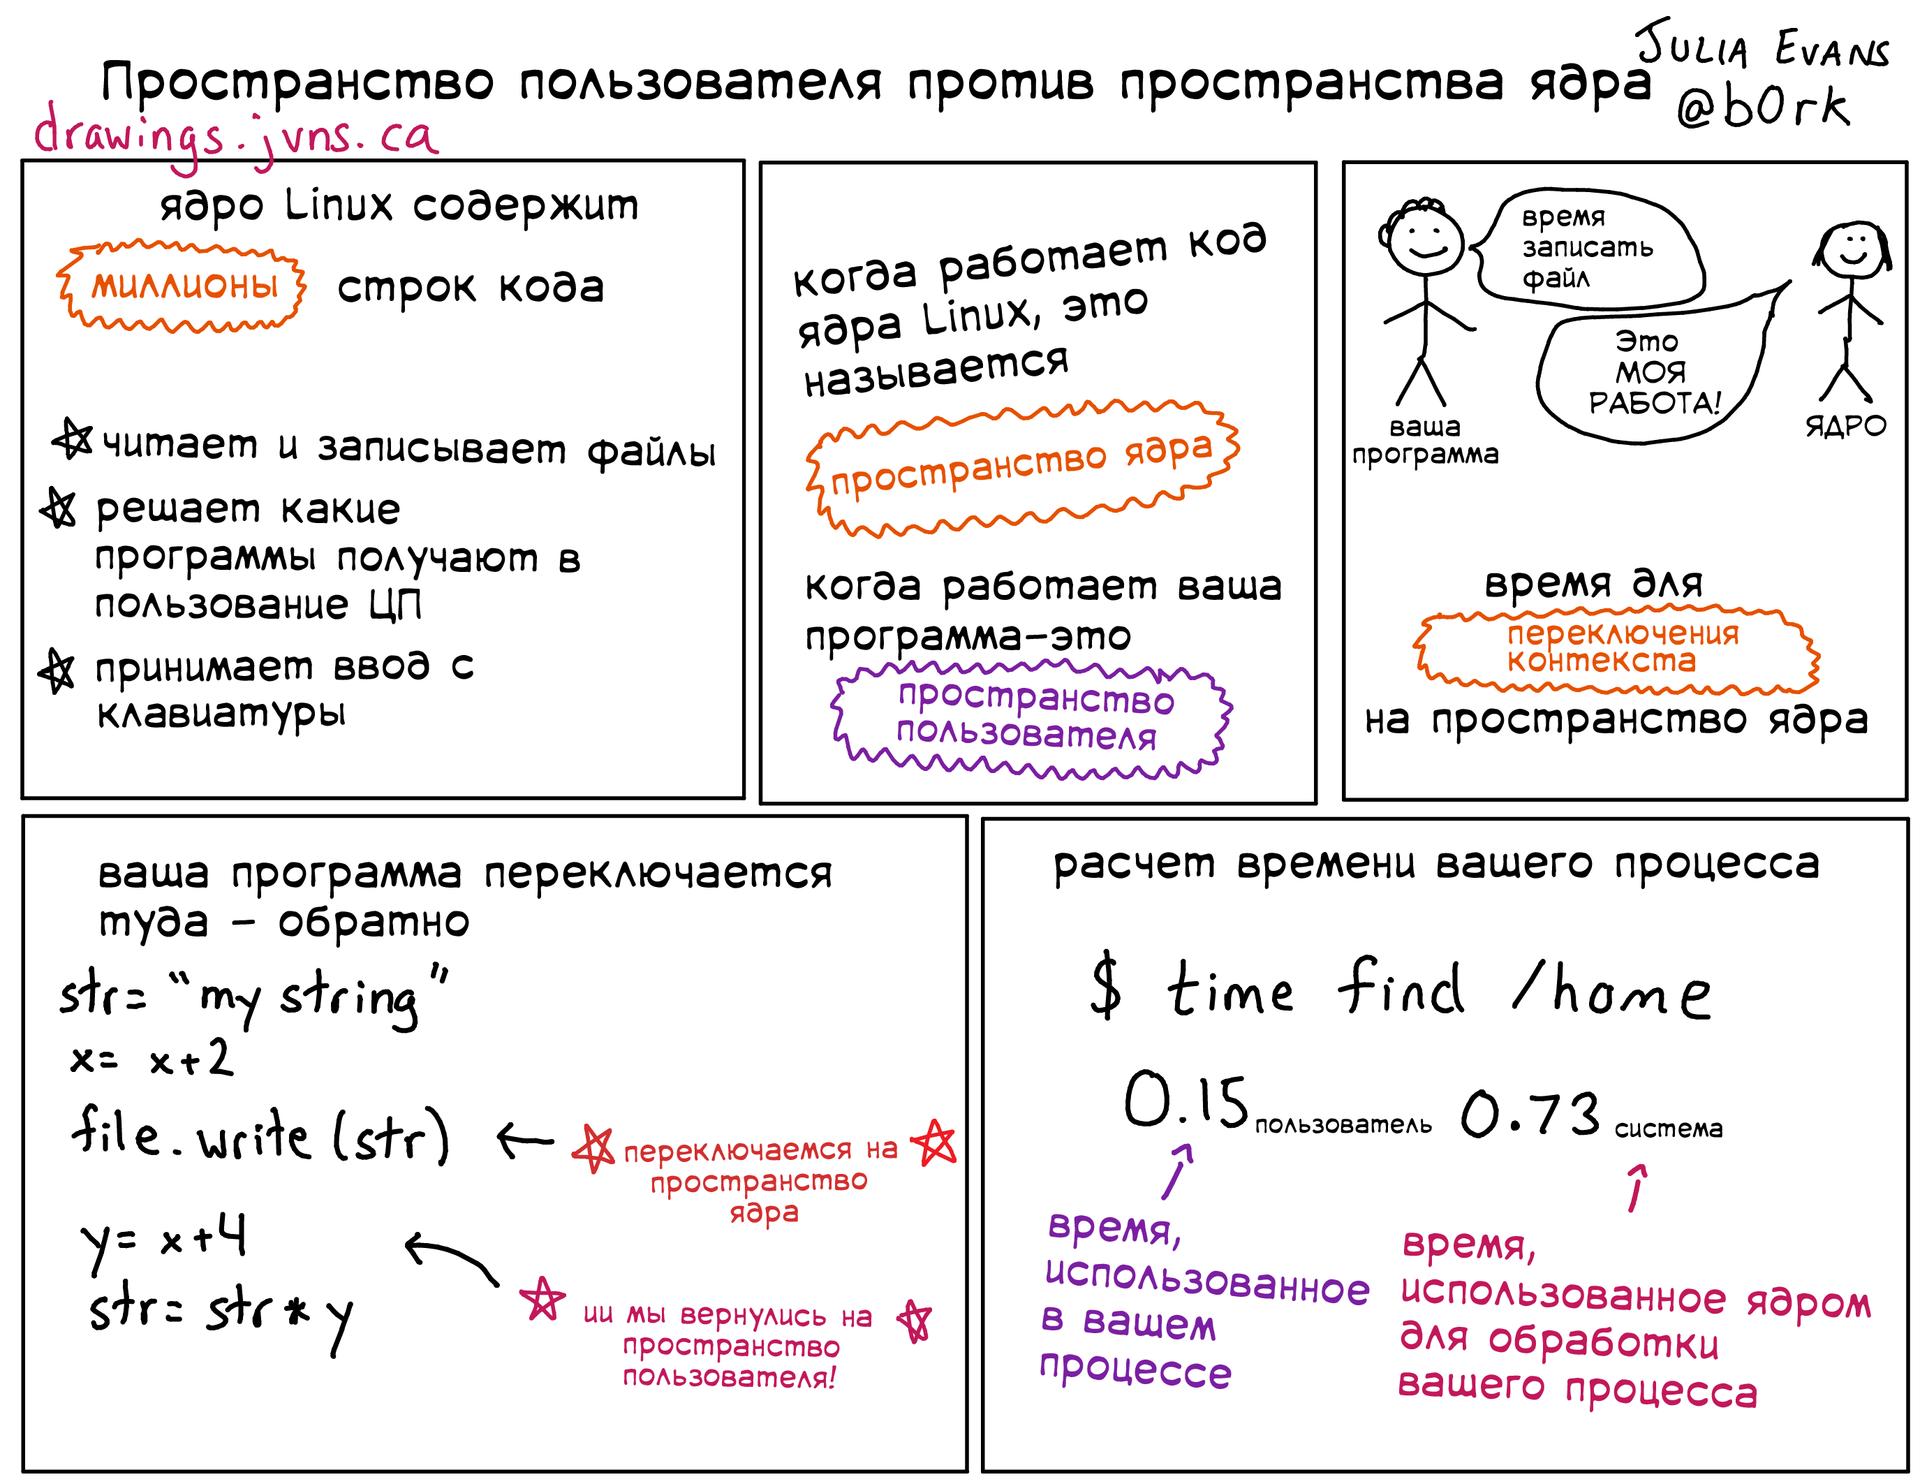 Подборка полезных слайдов от Джулии Эванс - 9